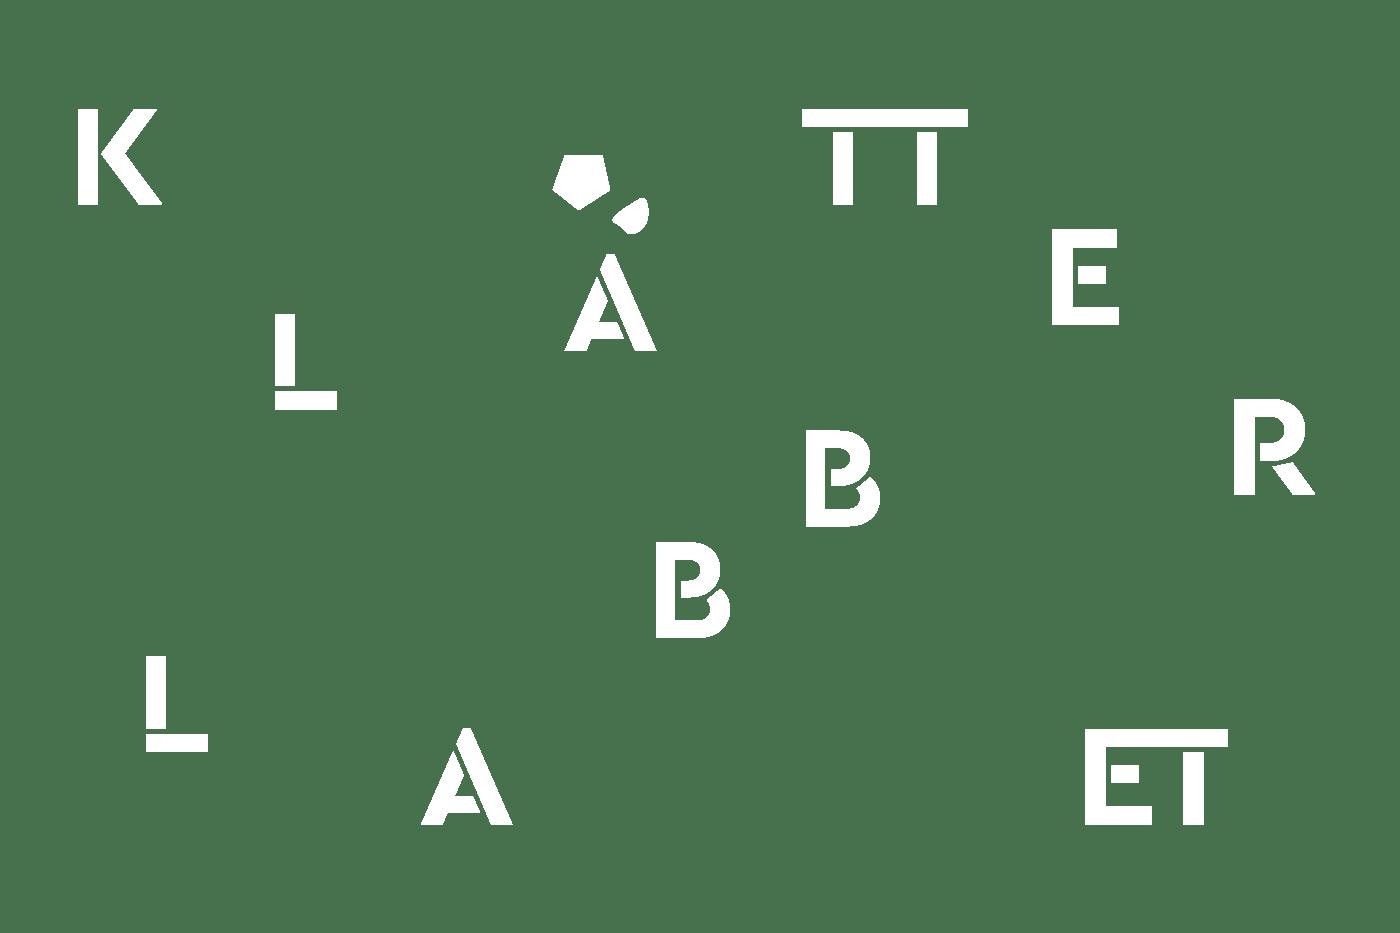 klatter_logo_spread